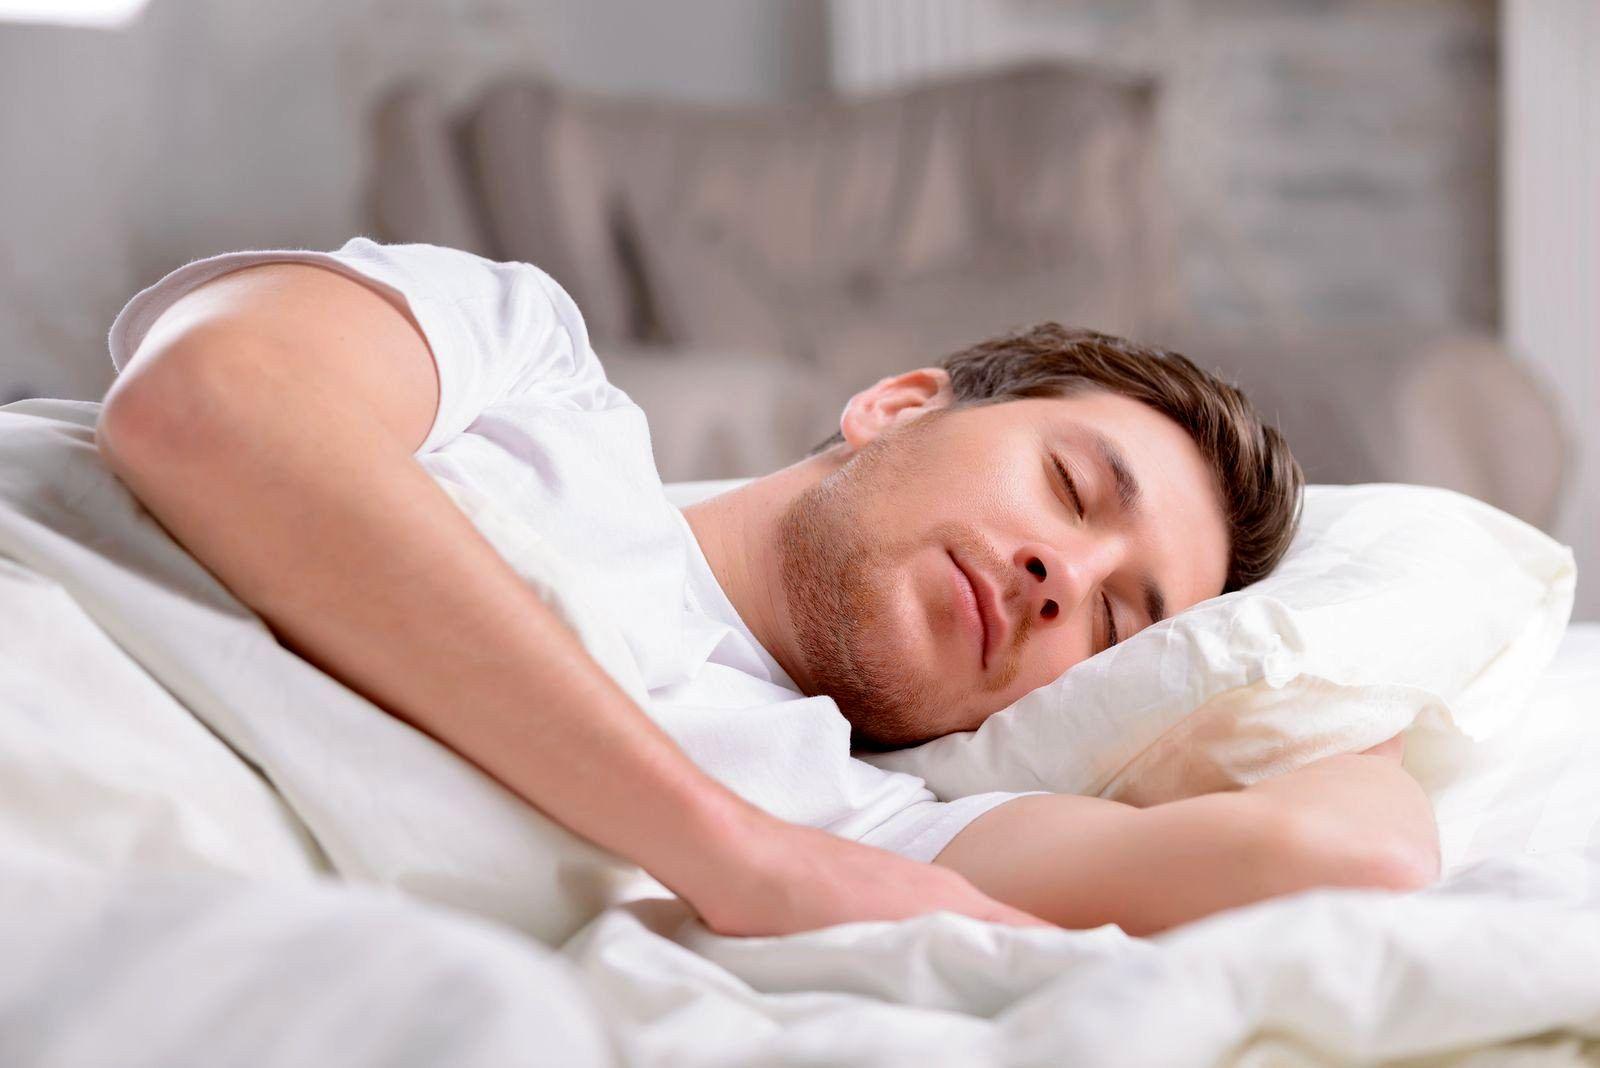 ۴ غذایی که به خواب راحت شما کمک میکند